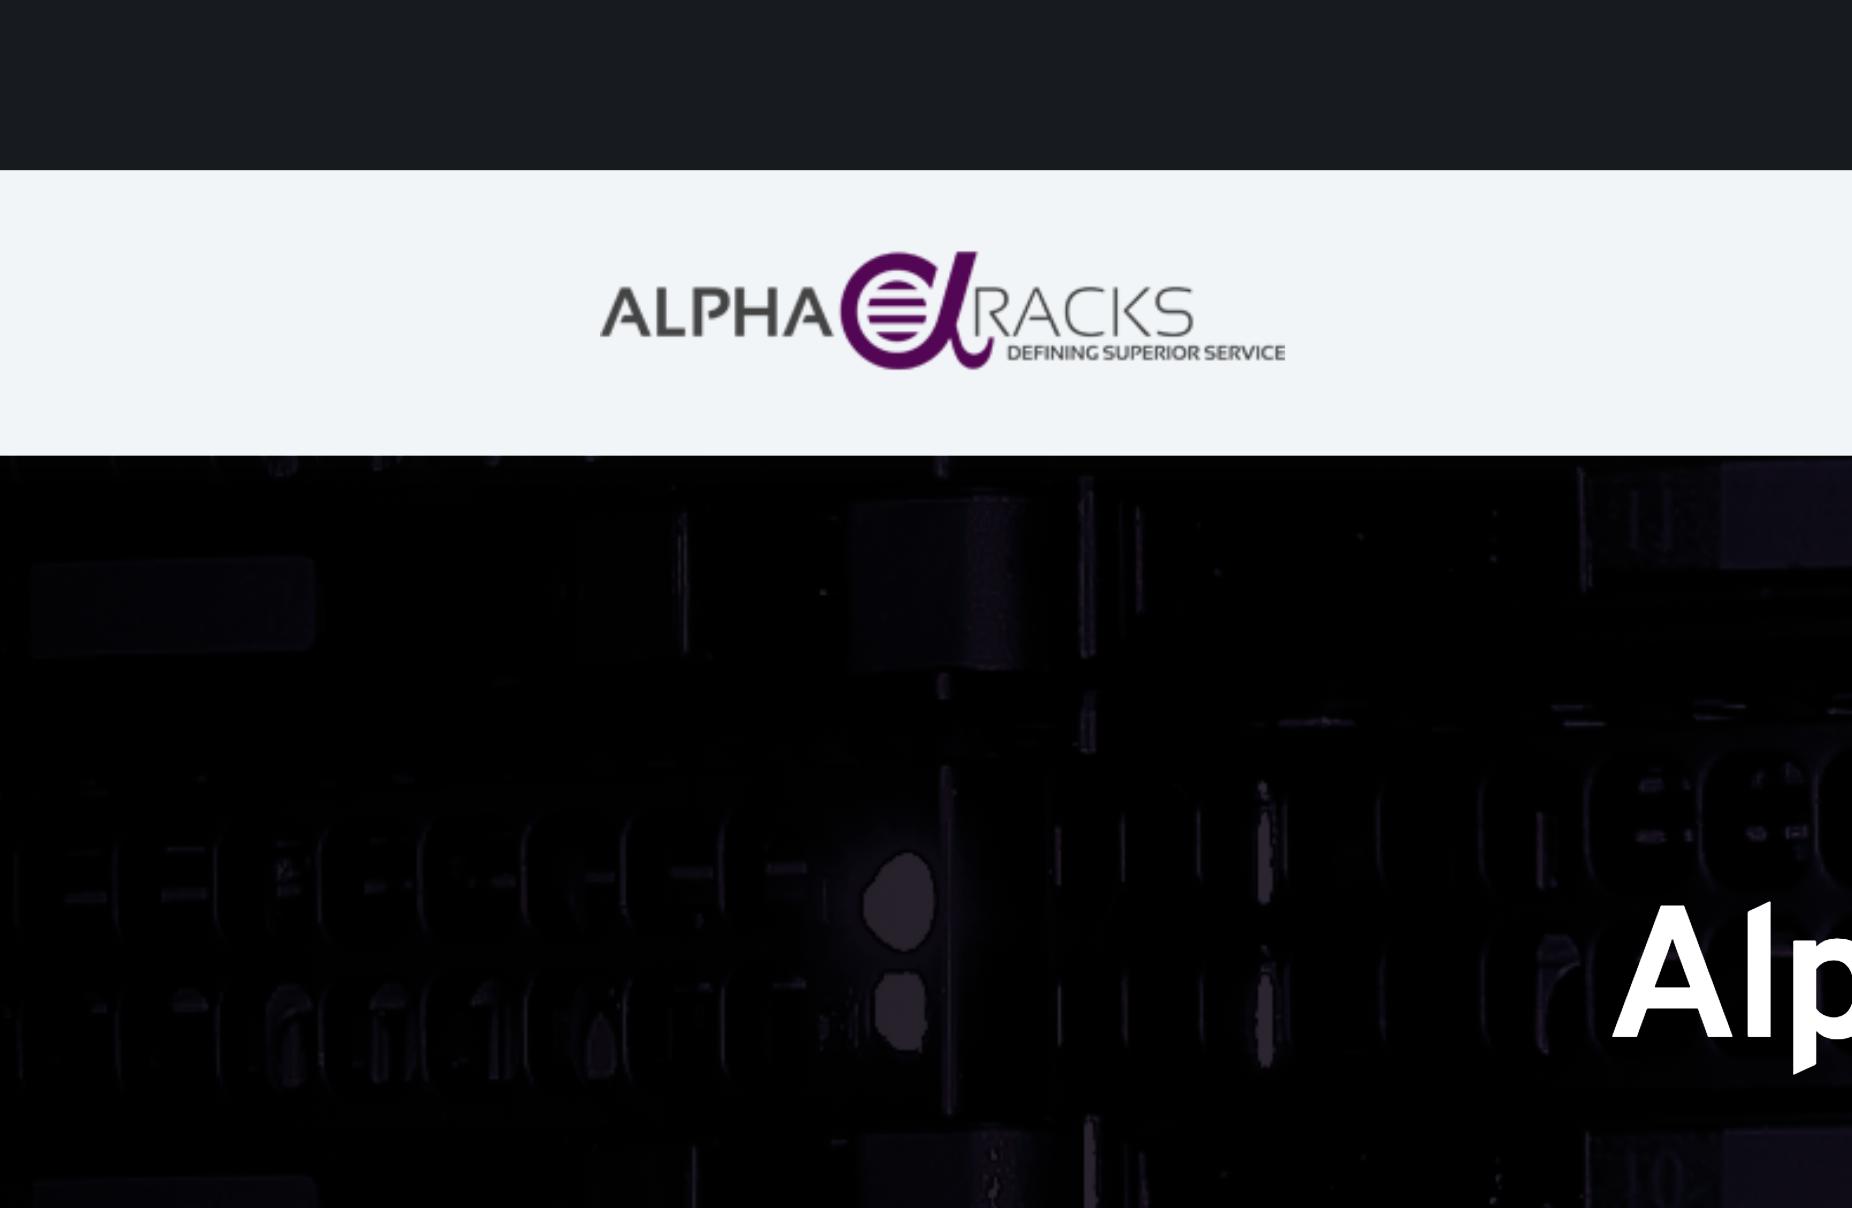 #AlphaRacks 年付25美元KVM VPS,支持Windows&Linux洛杉矶VPS,AlphaRacks优惠码。AlphaRacks WindowsVPS